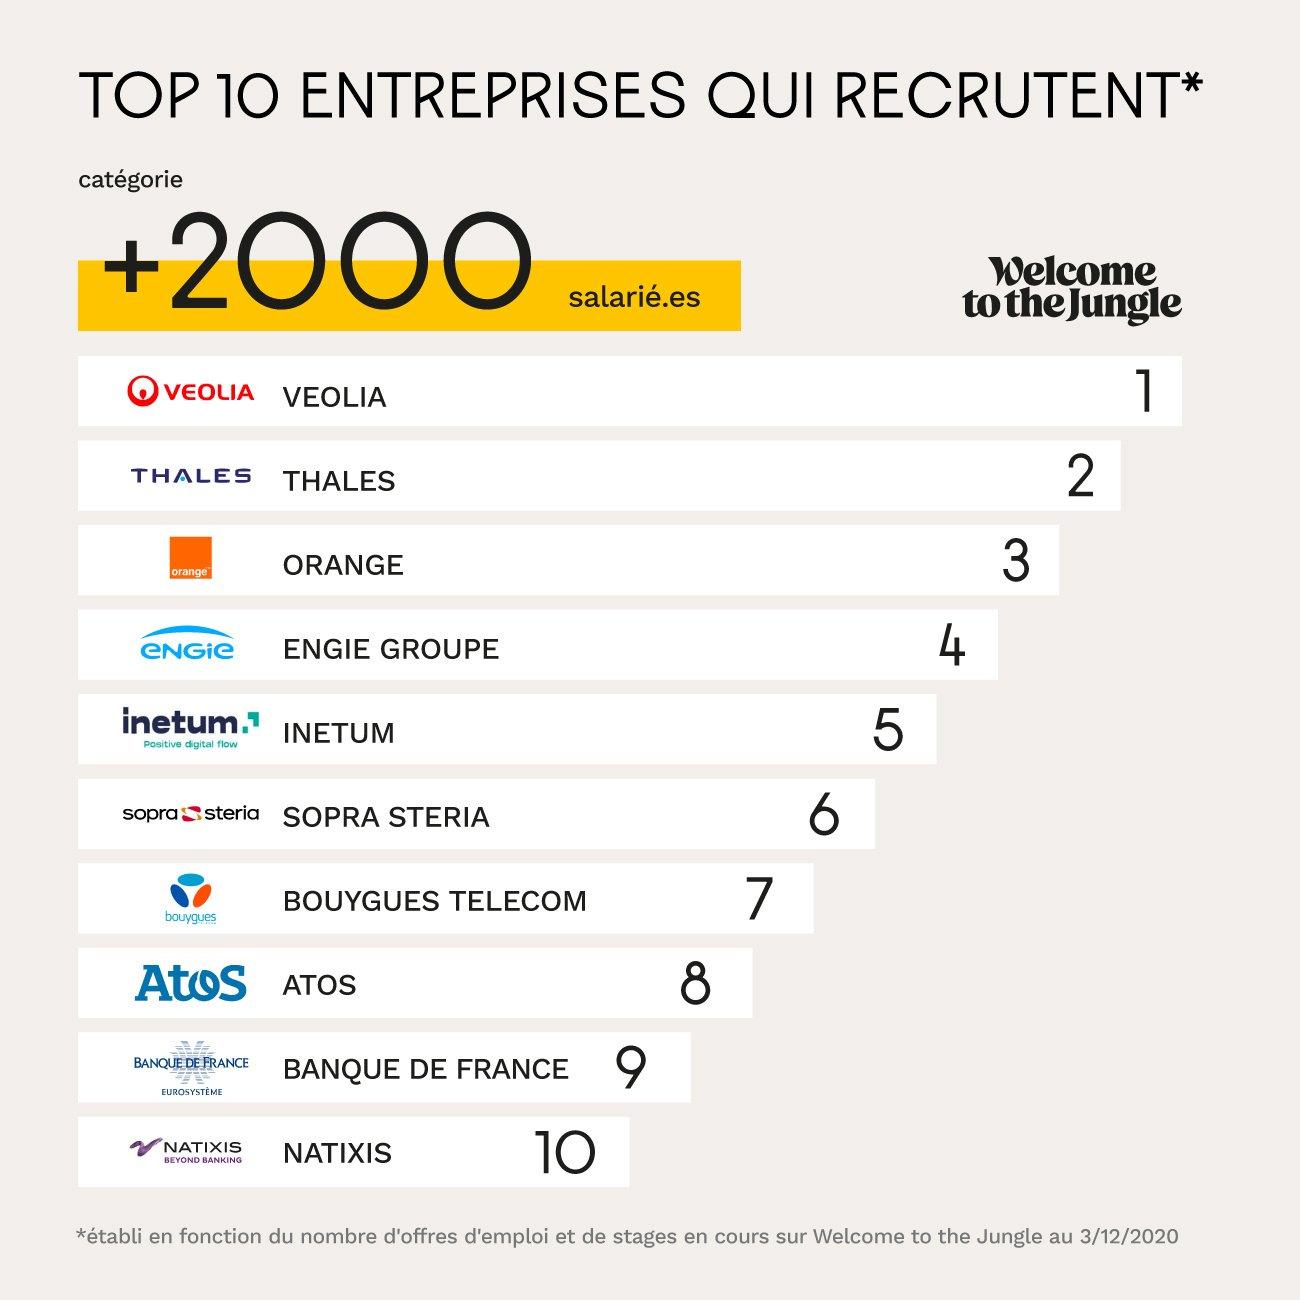 Entreprises de plus de 2000 employés qui recrutent le plus